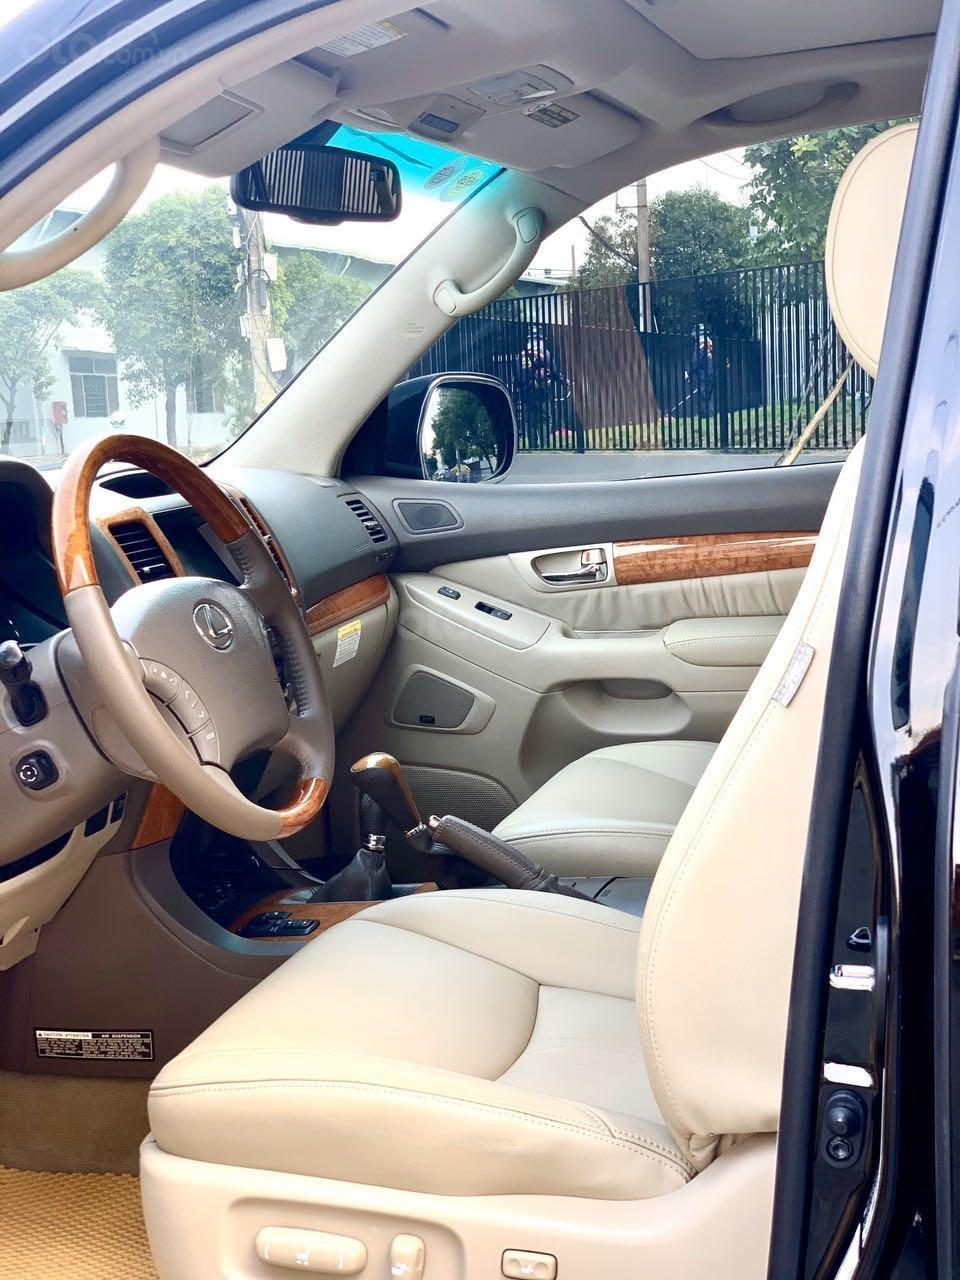 Cần bán Lexus GX 470 đúng vin 2007, xe cao cấp full option, cực chất (10)